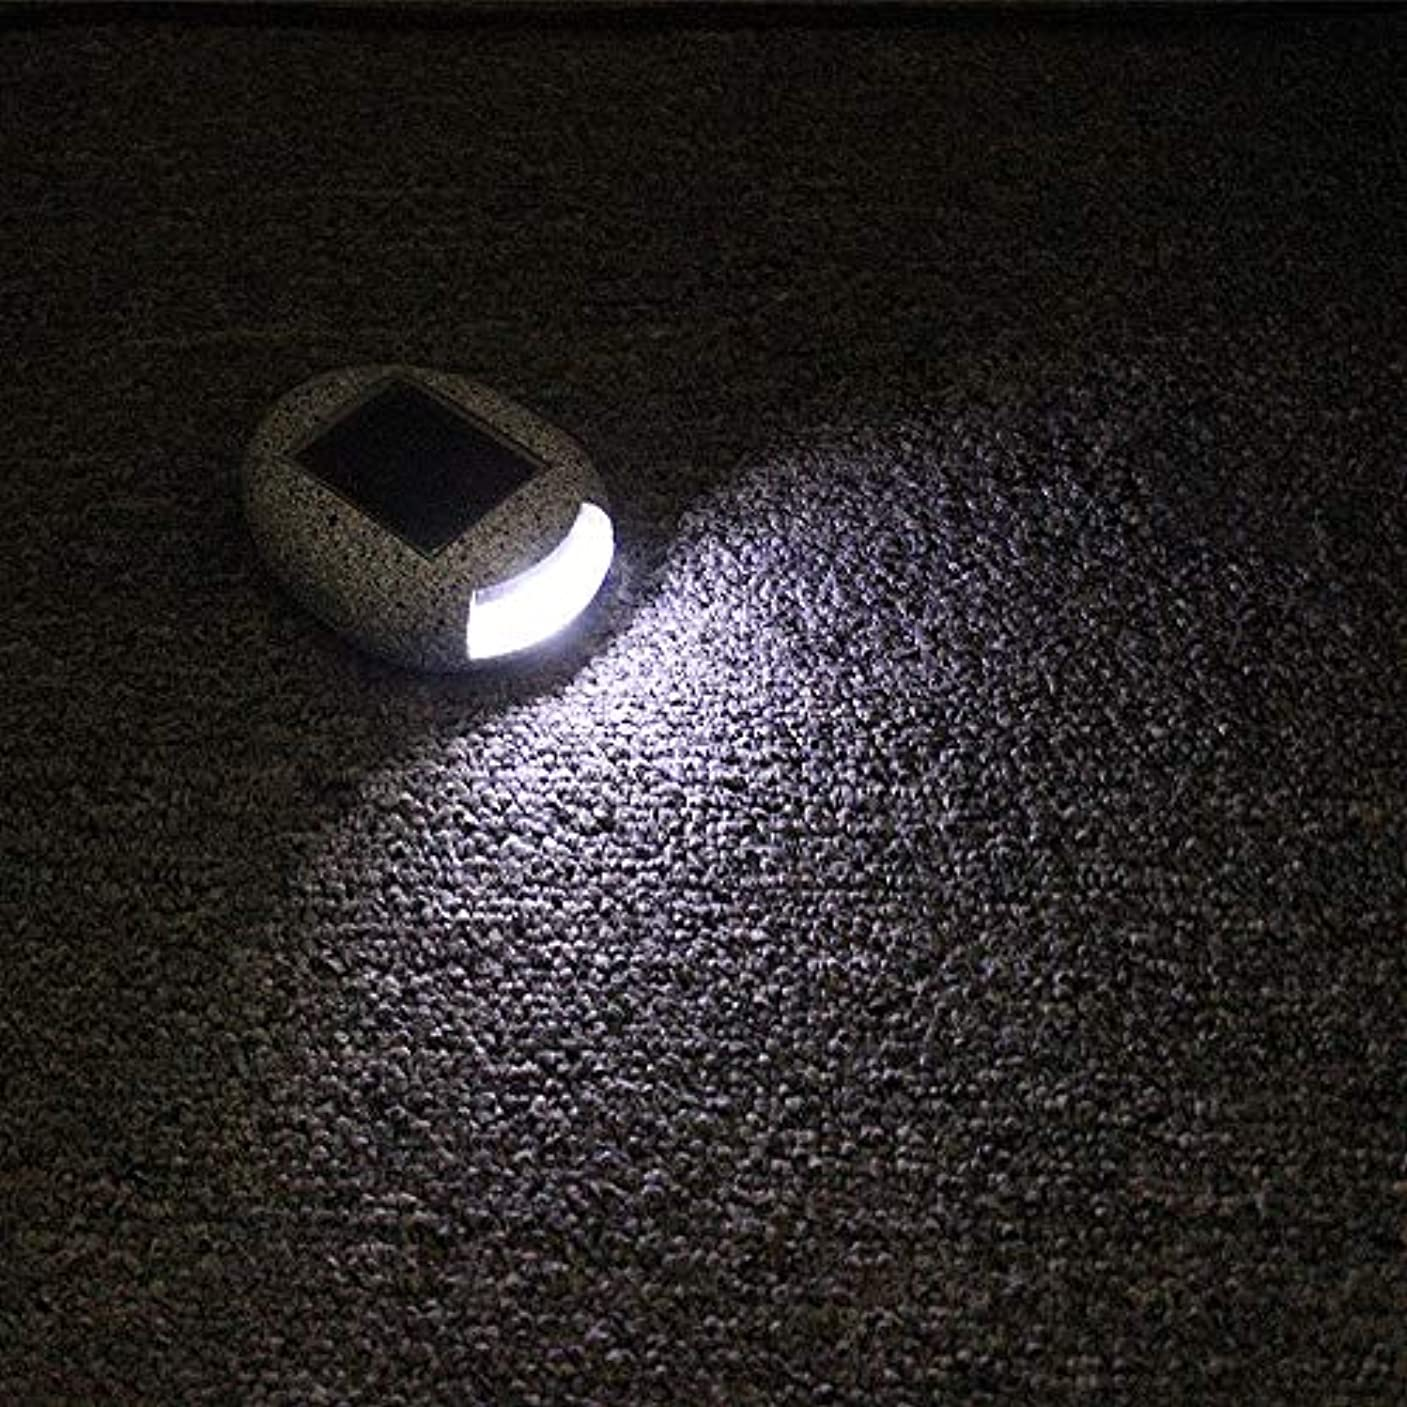 ピストルシャッフルすり減るPinjeer Ledソーラークリエイティブpvc石ポストライト現代のシンプルな屋外防水コラムランプガーデンバルコニーストリート芝生風景ホームヴィラ照明柱ライト